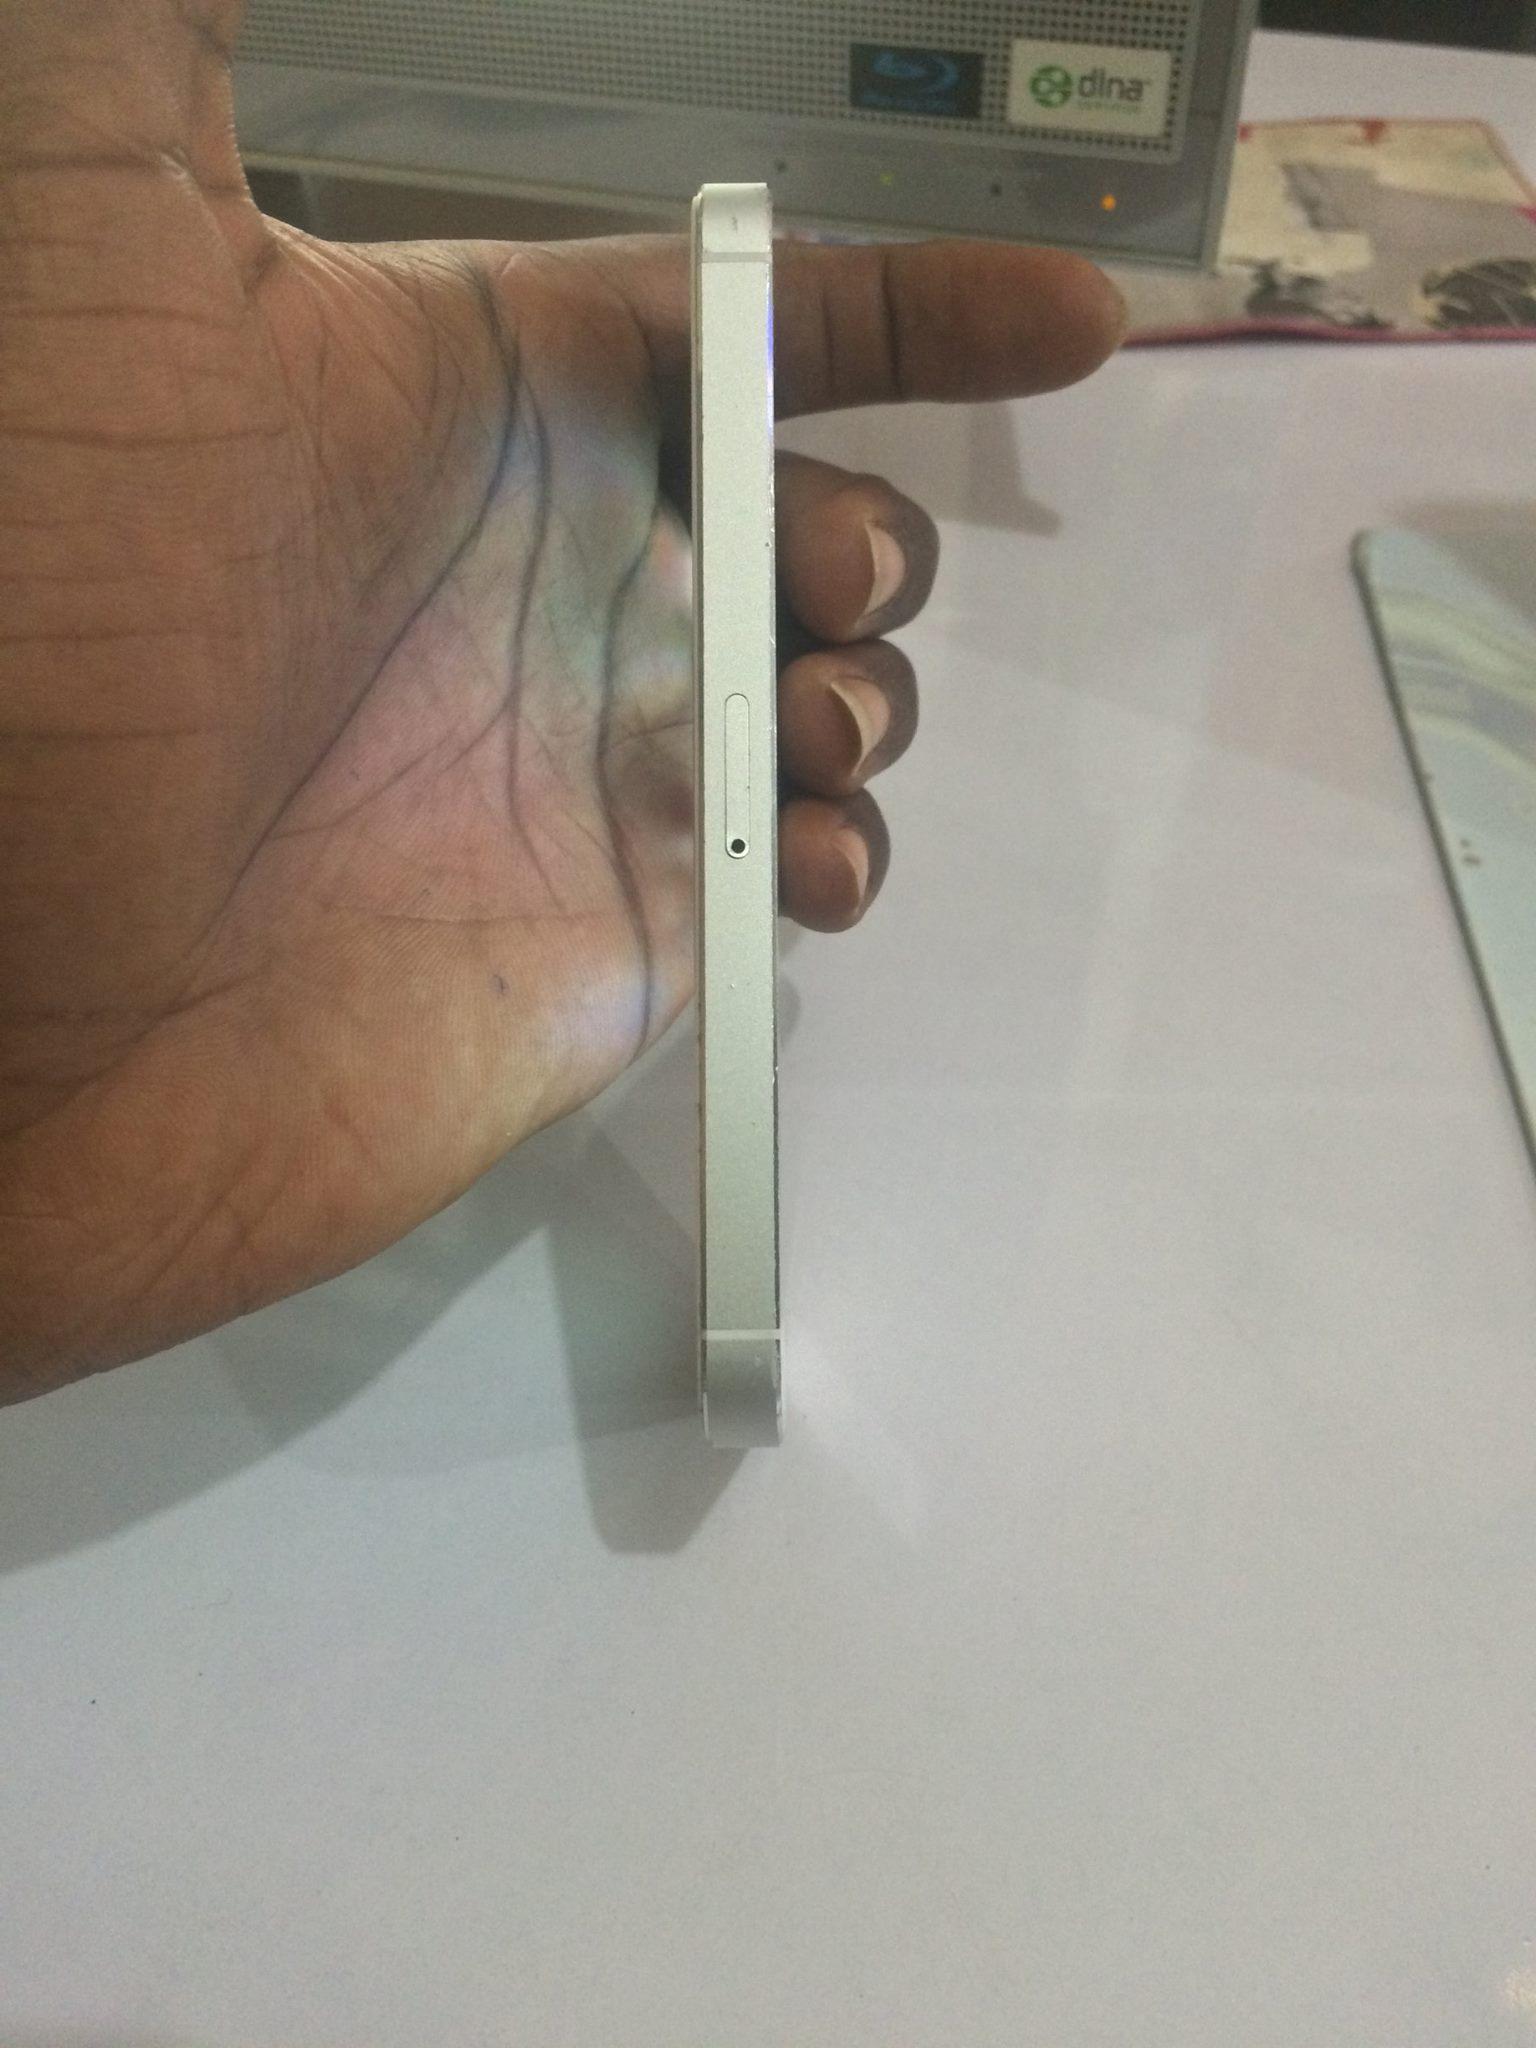 IPHONE 5S (16GO) VENU D'USA